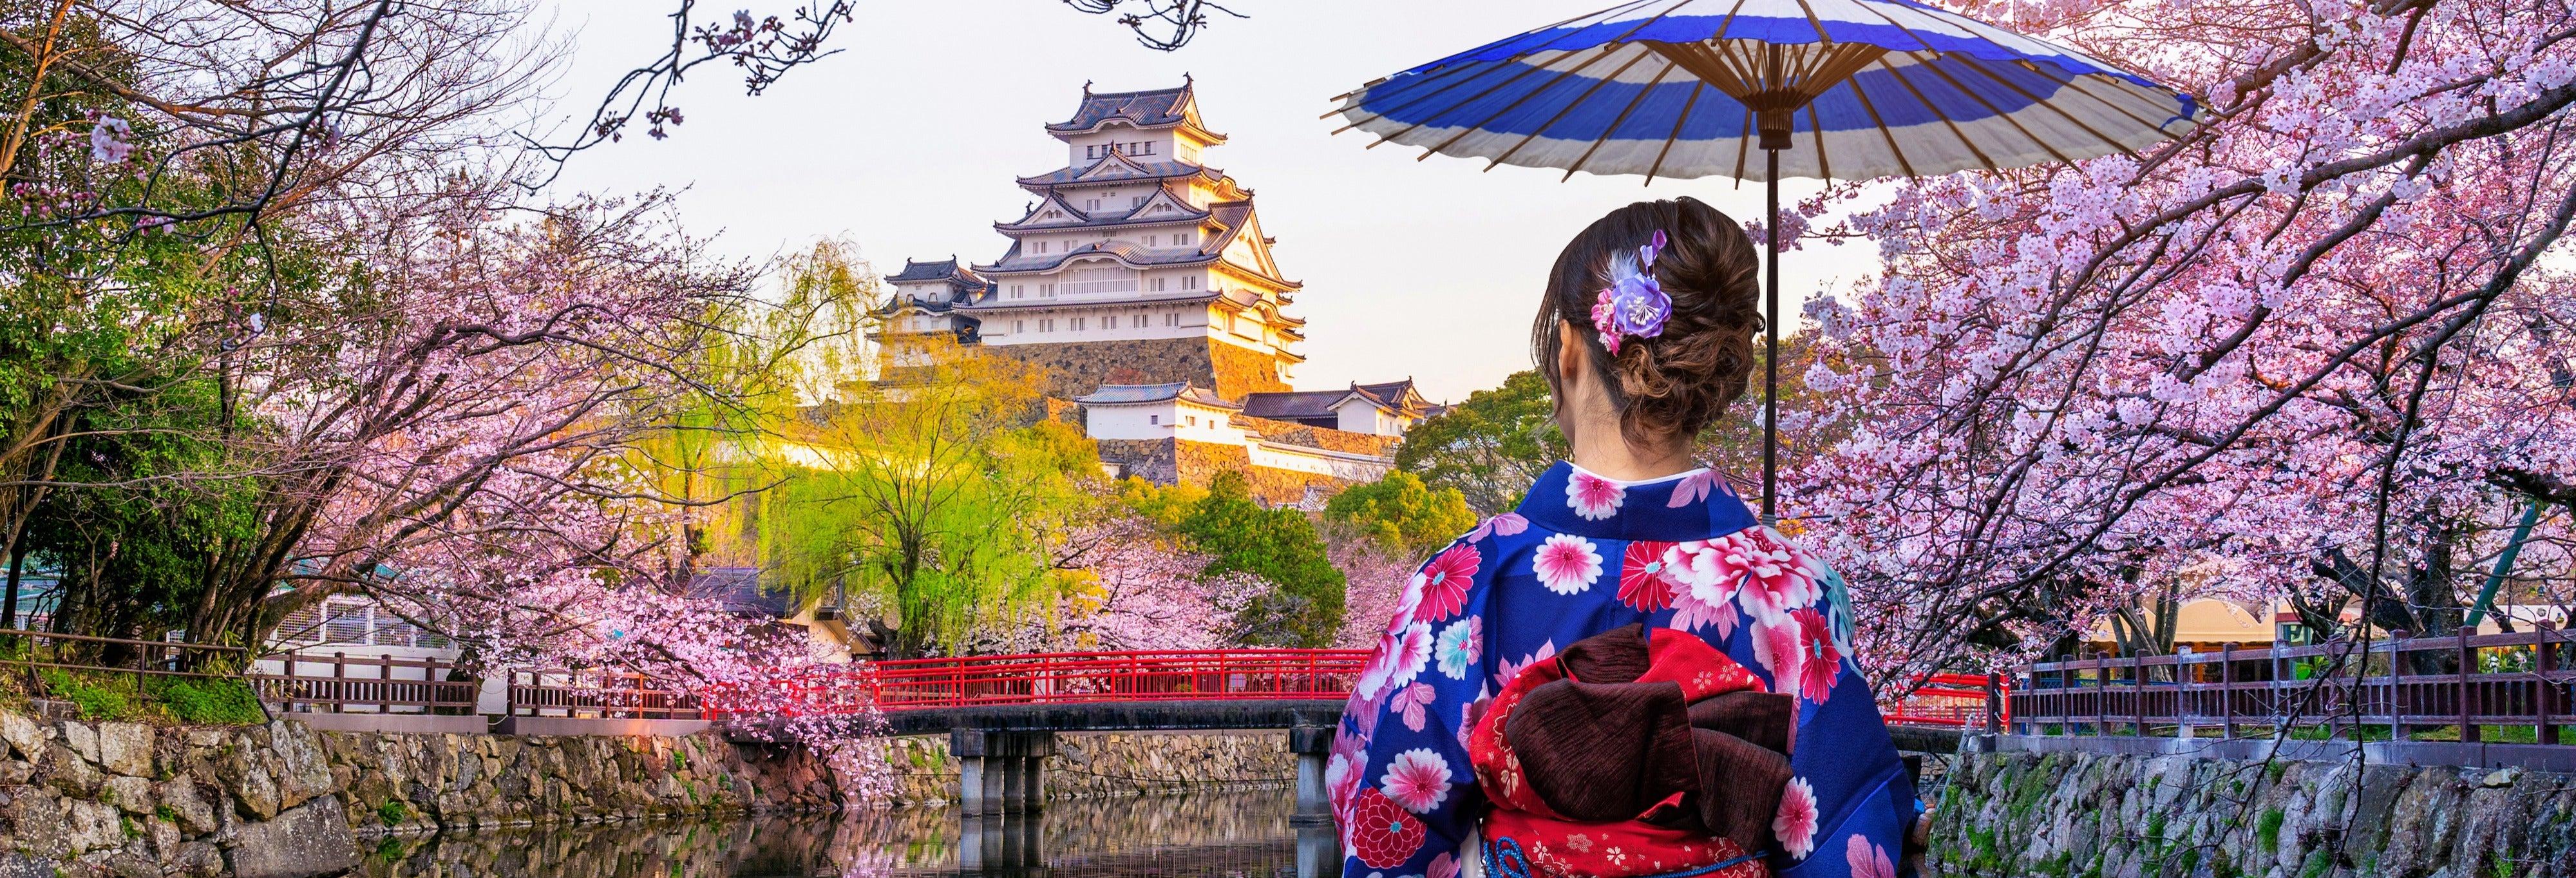 Visita guidata del Castello di Himeji